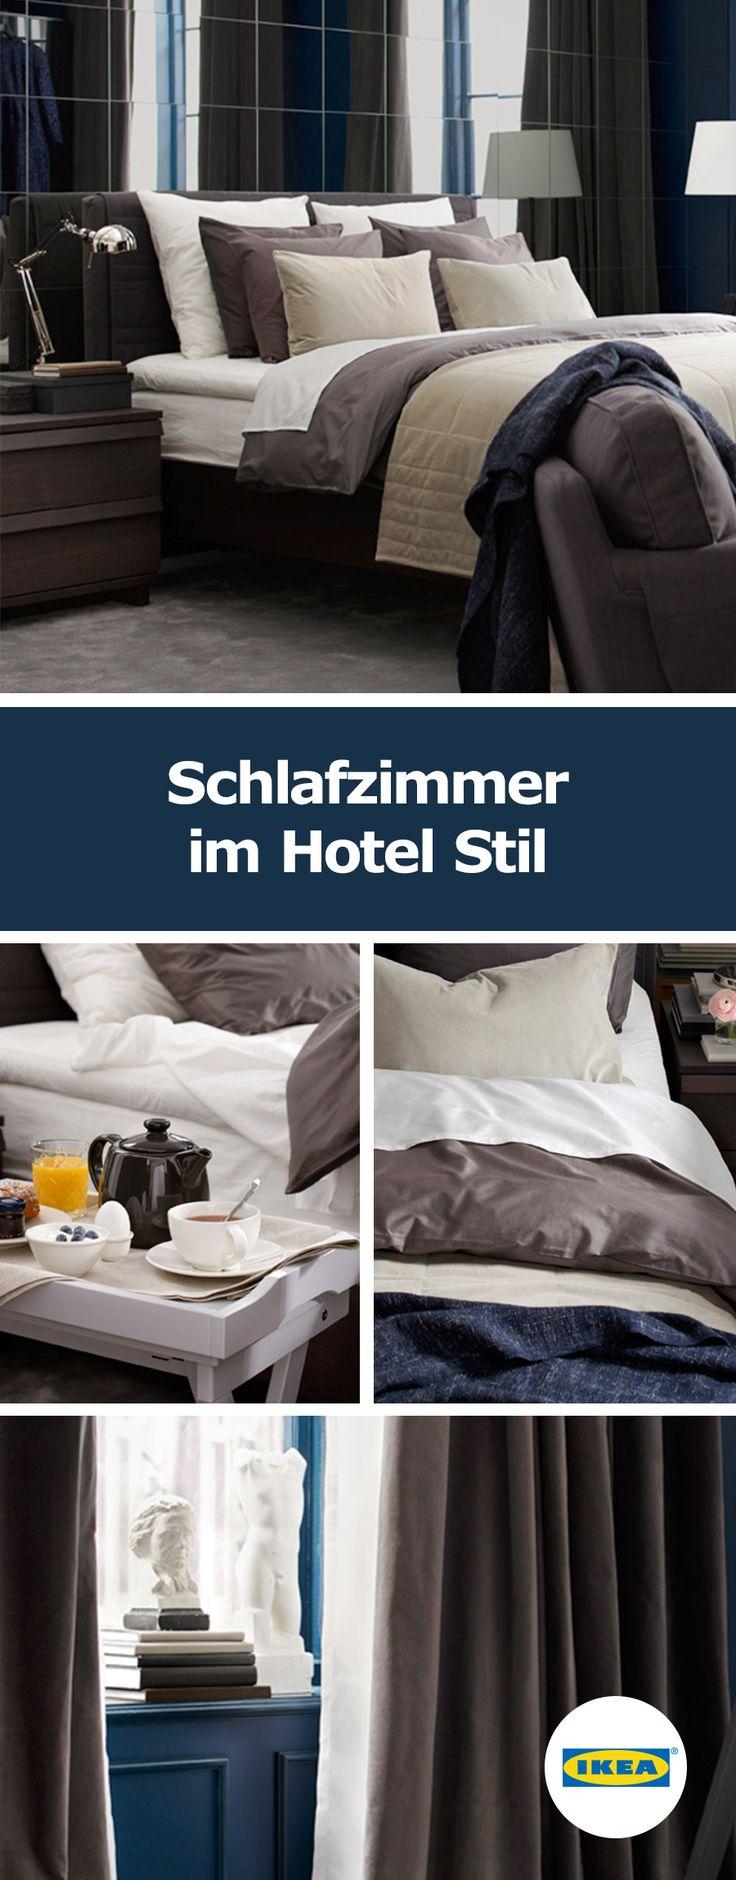 IKEA Deutschland | Schlafzimmer Im Hotel Stil